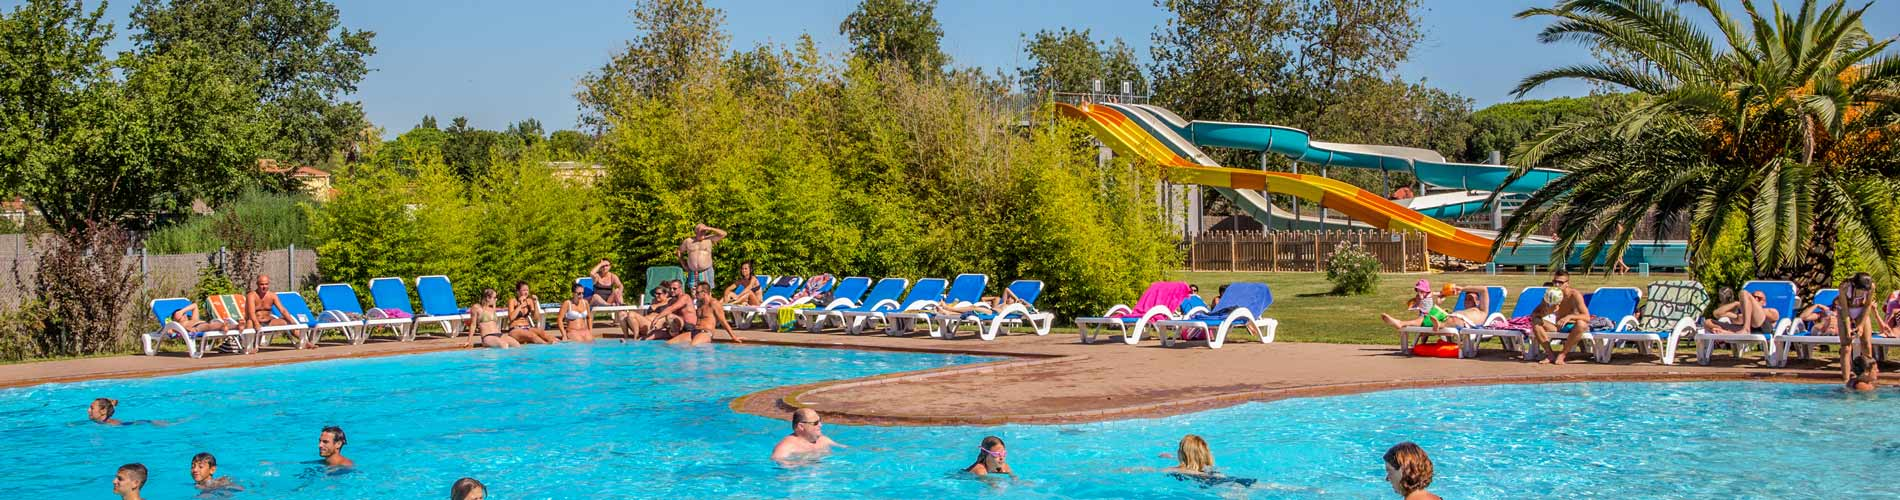 Campings argeles sur mer avec piscine parc aquatique for Camping dans le var bord de mer avec piscine